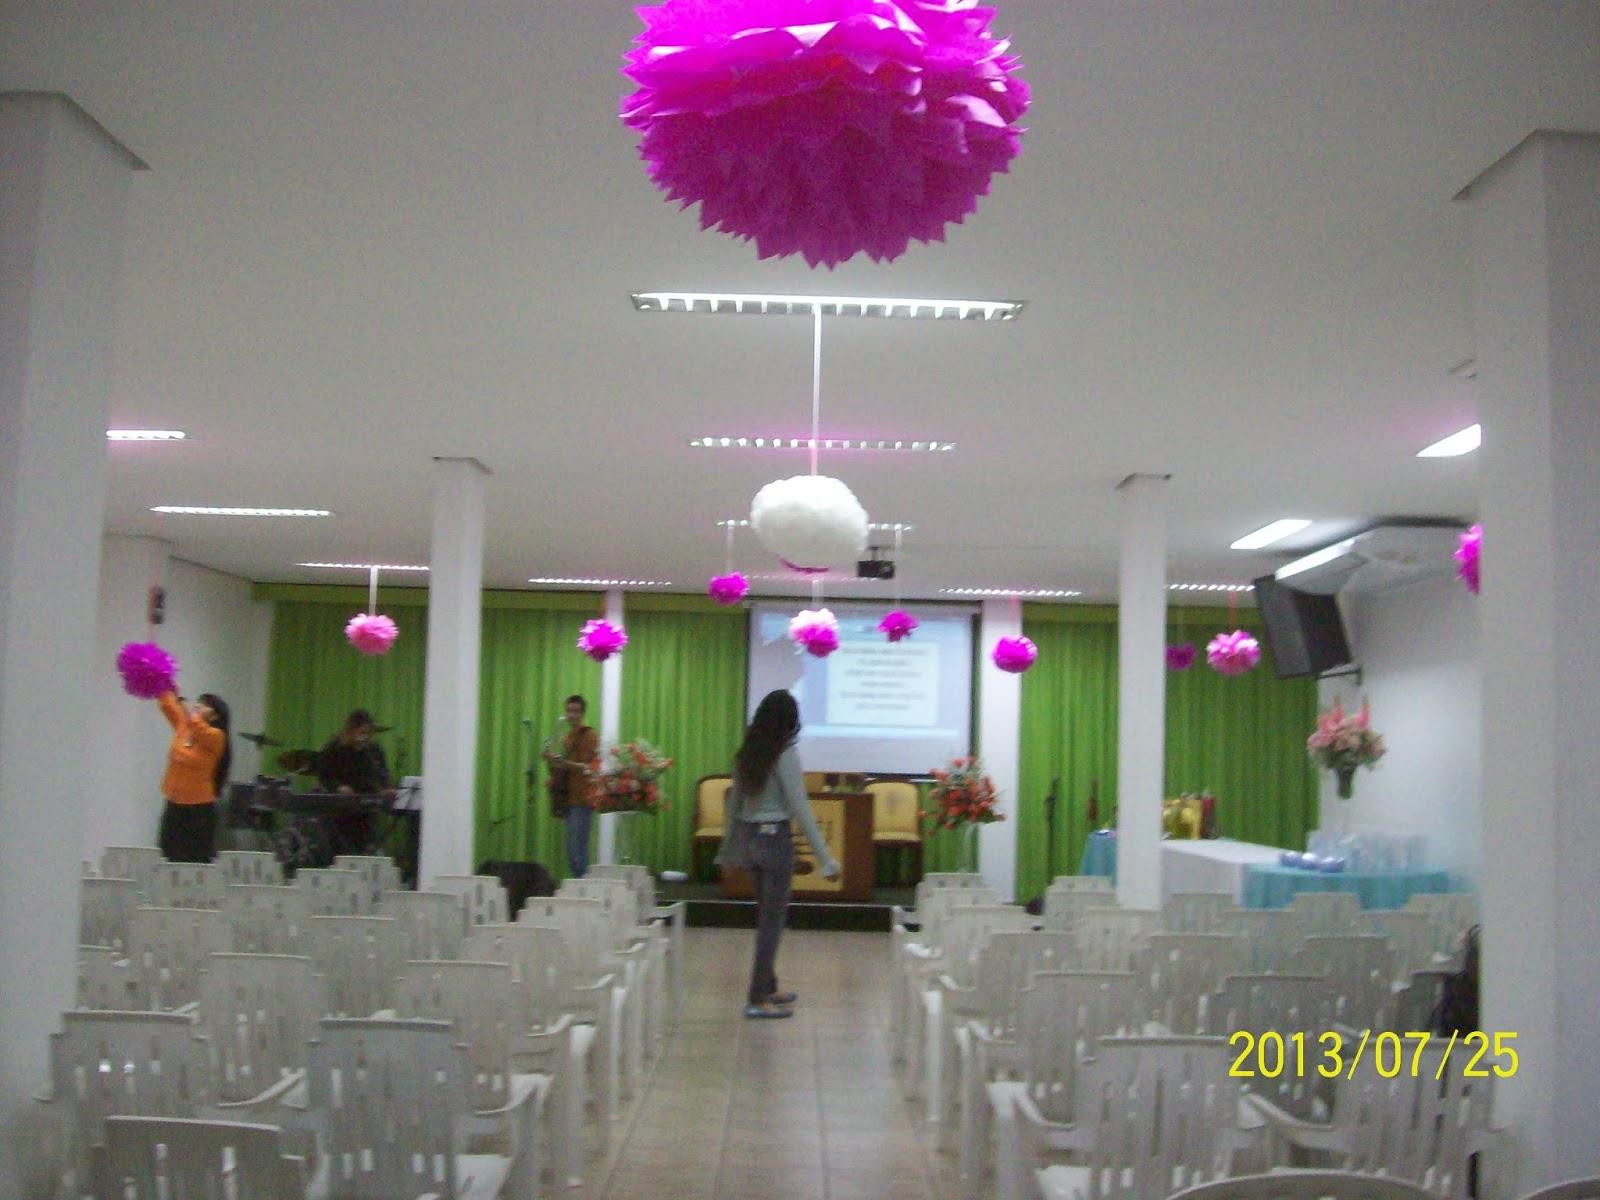 Decoraç u00e3o Para Festividade De Igreja Evangelica -> Decoração Simples Para Festividade De Igreja Evangelica